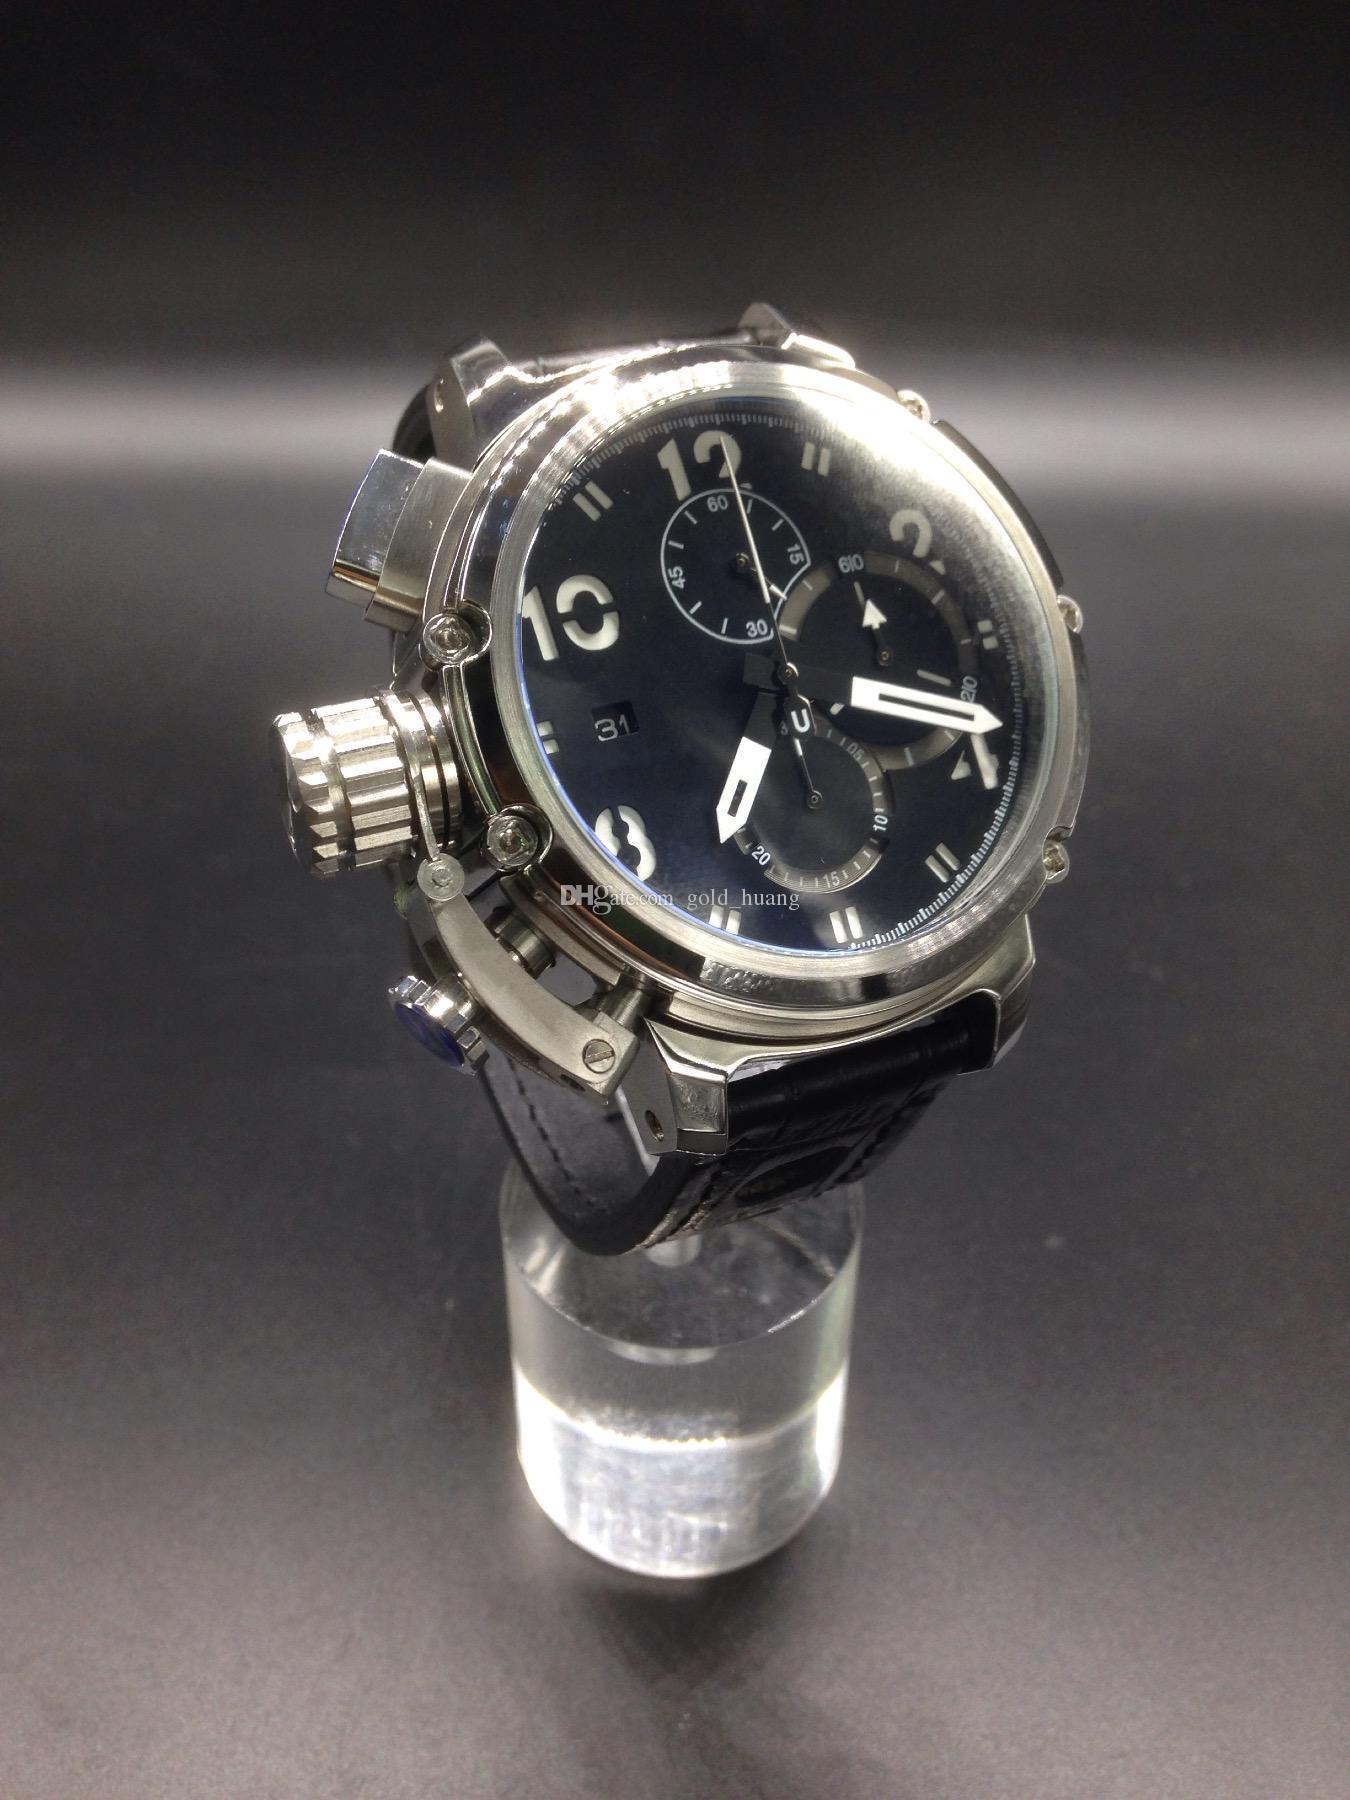 남성 시계 석영 고급 쿼츠 시계 쿼츠 크로노 그래프 쿼츠 크로노 그래프 시계